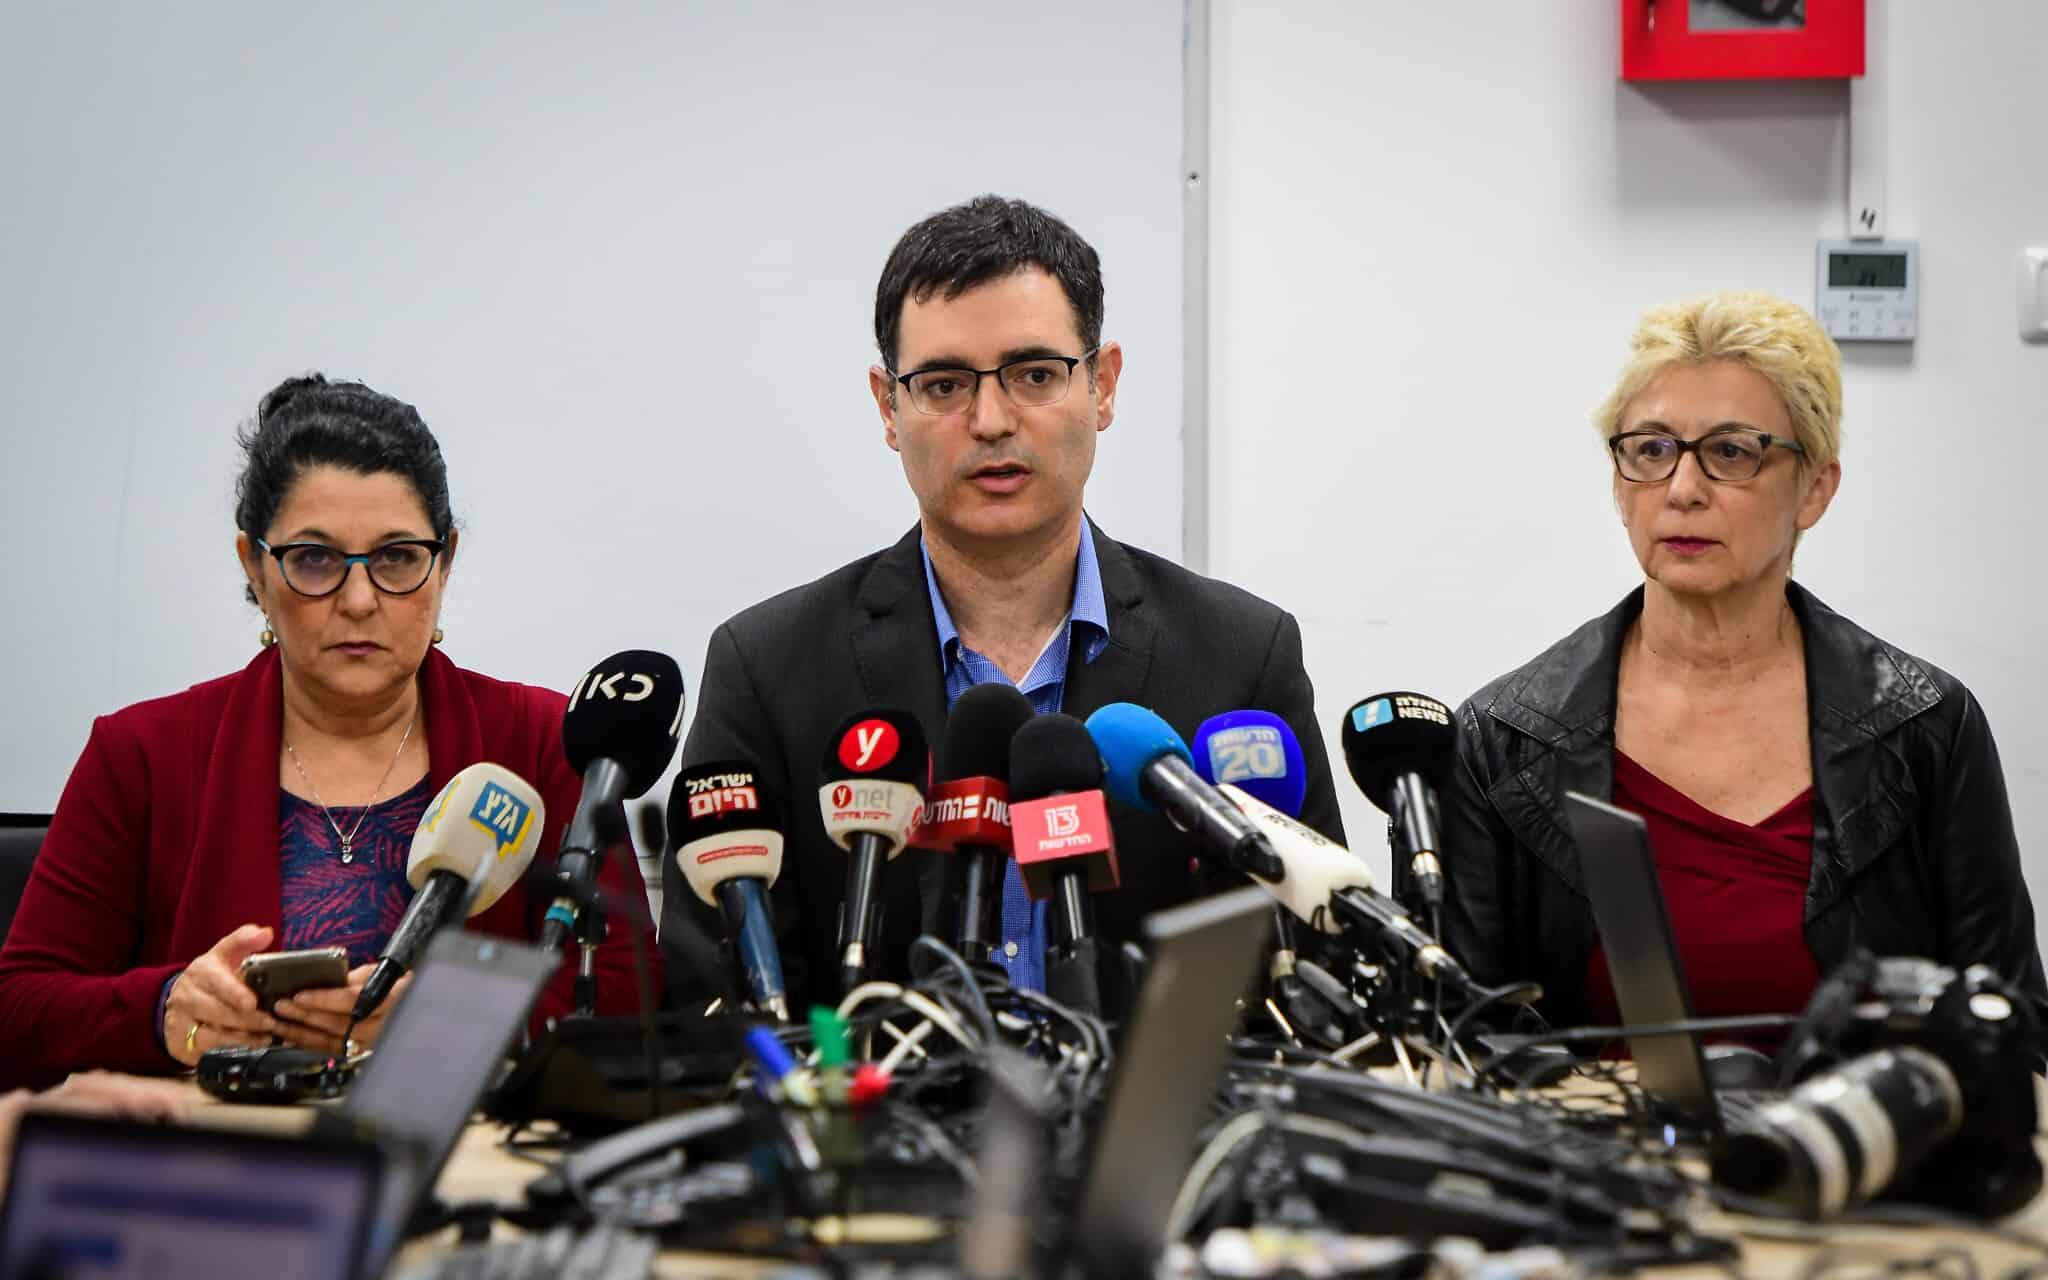 ראשי משרד הבריאות במסיבת עיתונאים עם פרוץ מגפת הקורונה, ב-27 בפברואר 2020 (צילום: אבשלום ששוני/פלאש90)